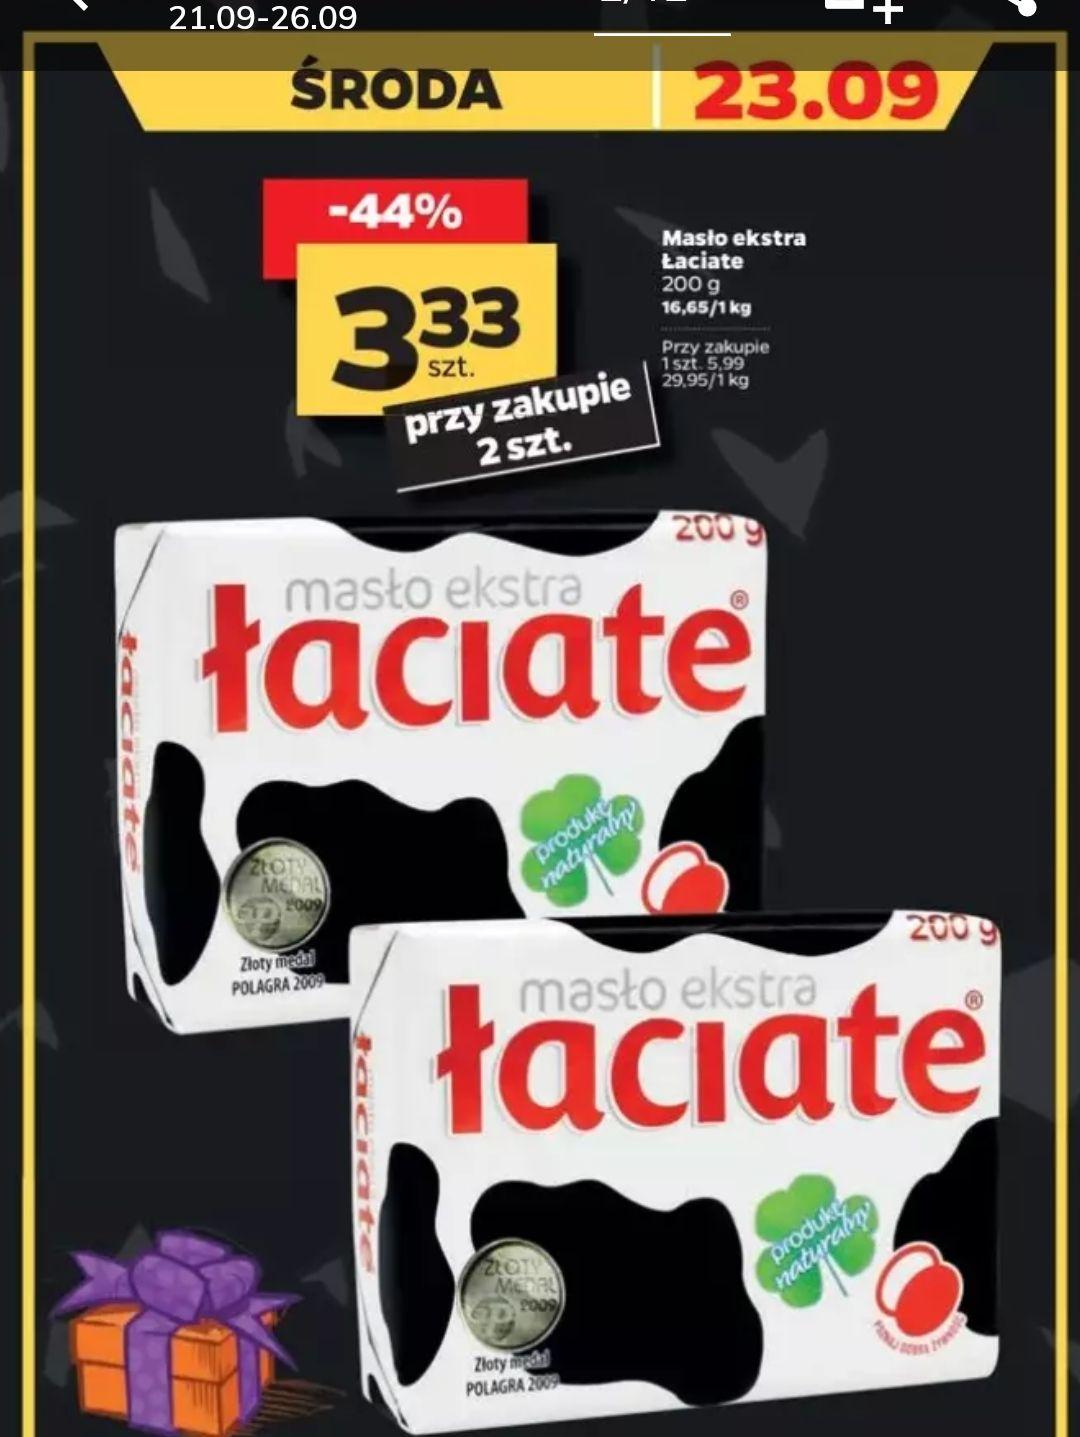 Masło ekstra Łaciate 200g w Netto. Cena przy zakupie dwóch.